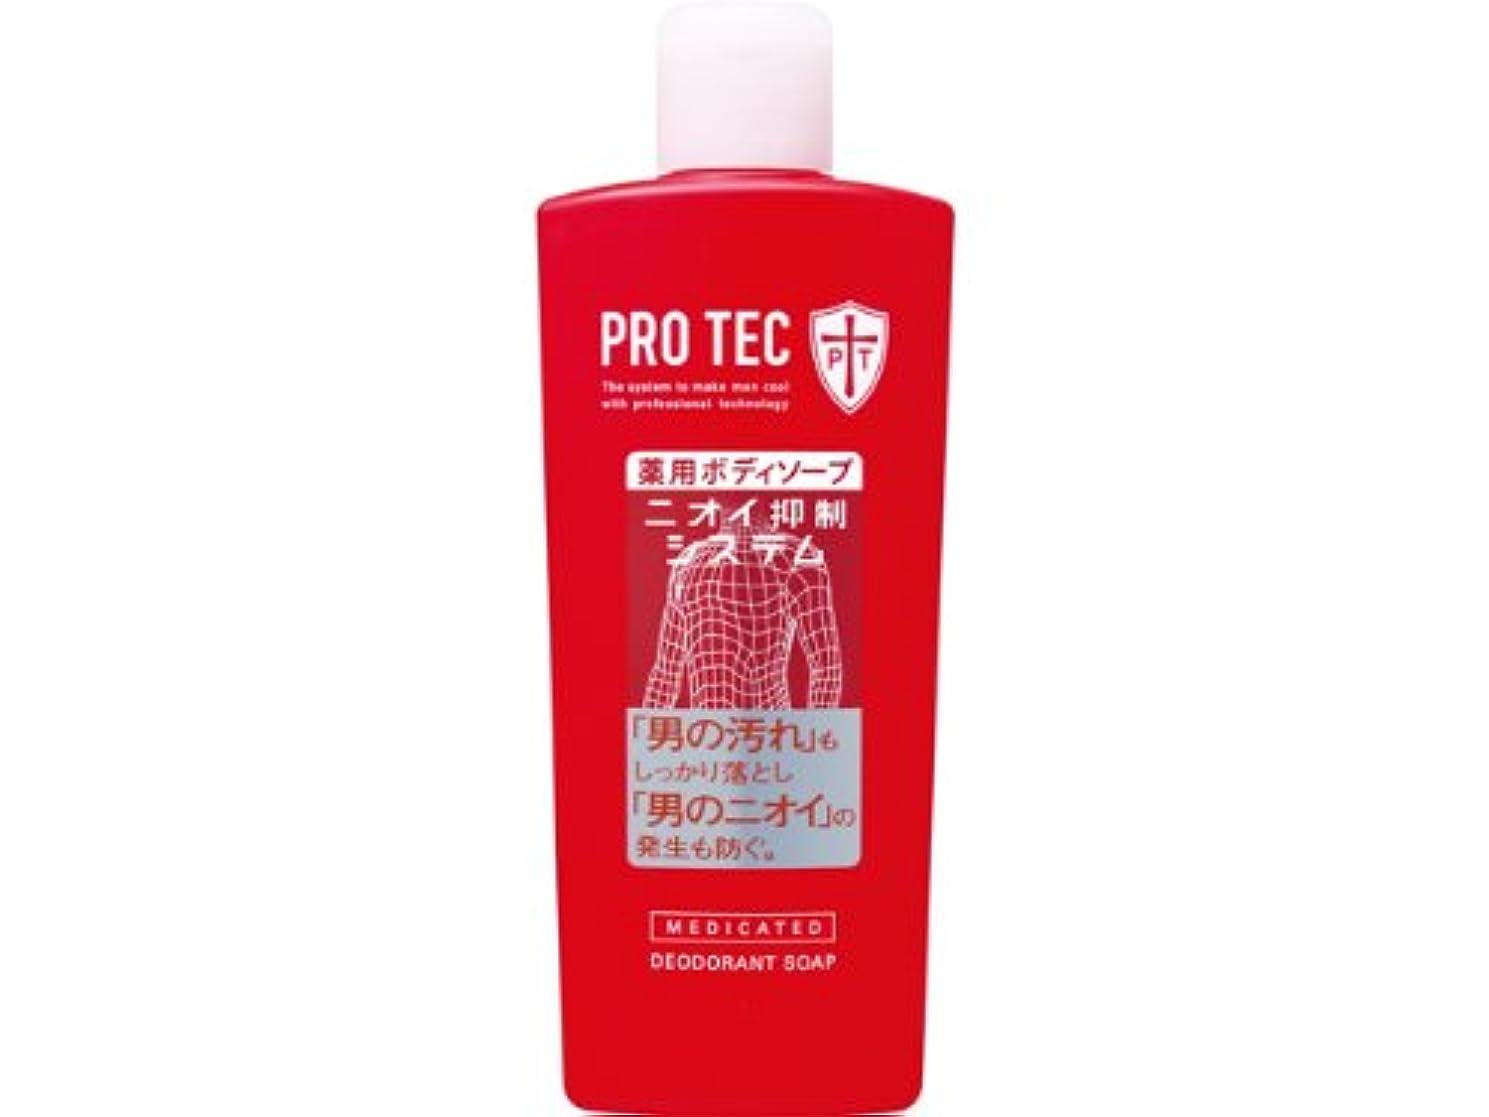 ふりをする引き付ける呼びかけるPRO TEC(プロテク) デオドラントソープ 300ml